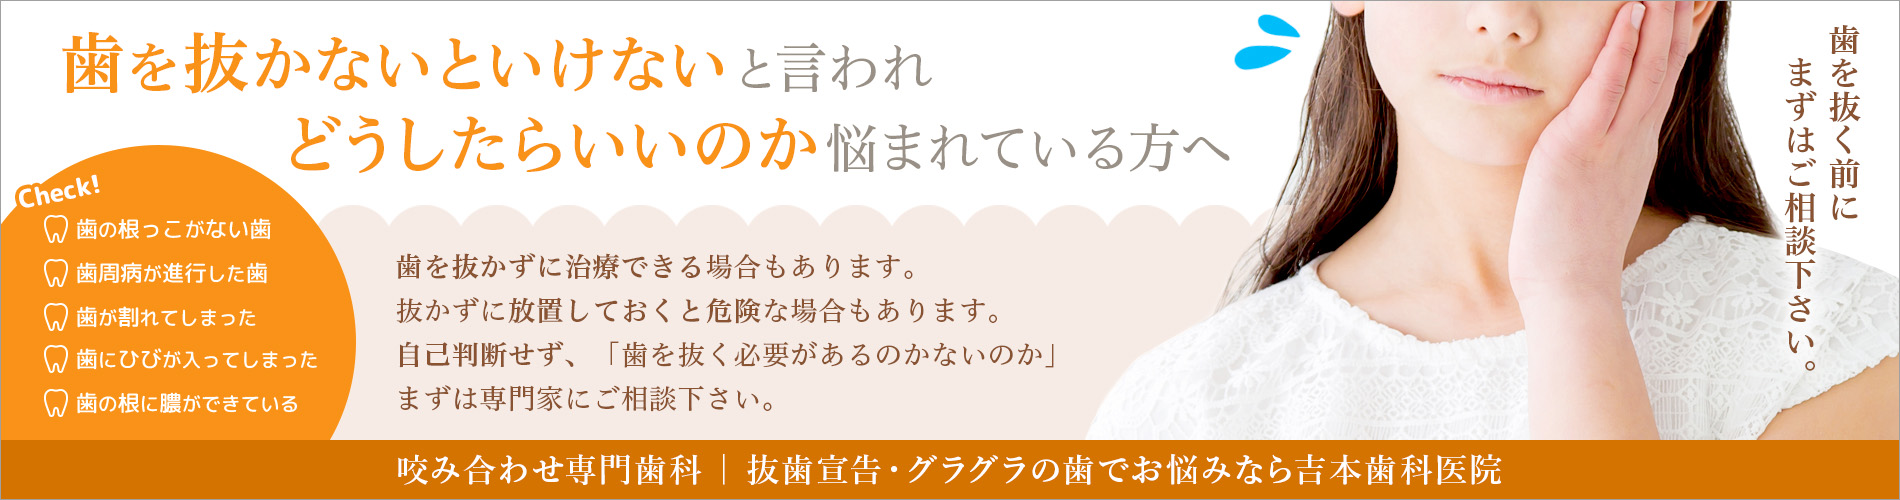 抜歯しない治療法・歯を削らない治療法なら香川県の吉本歯科医院